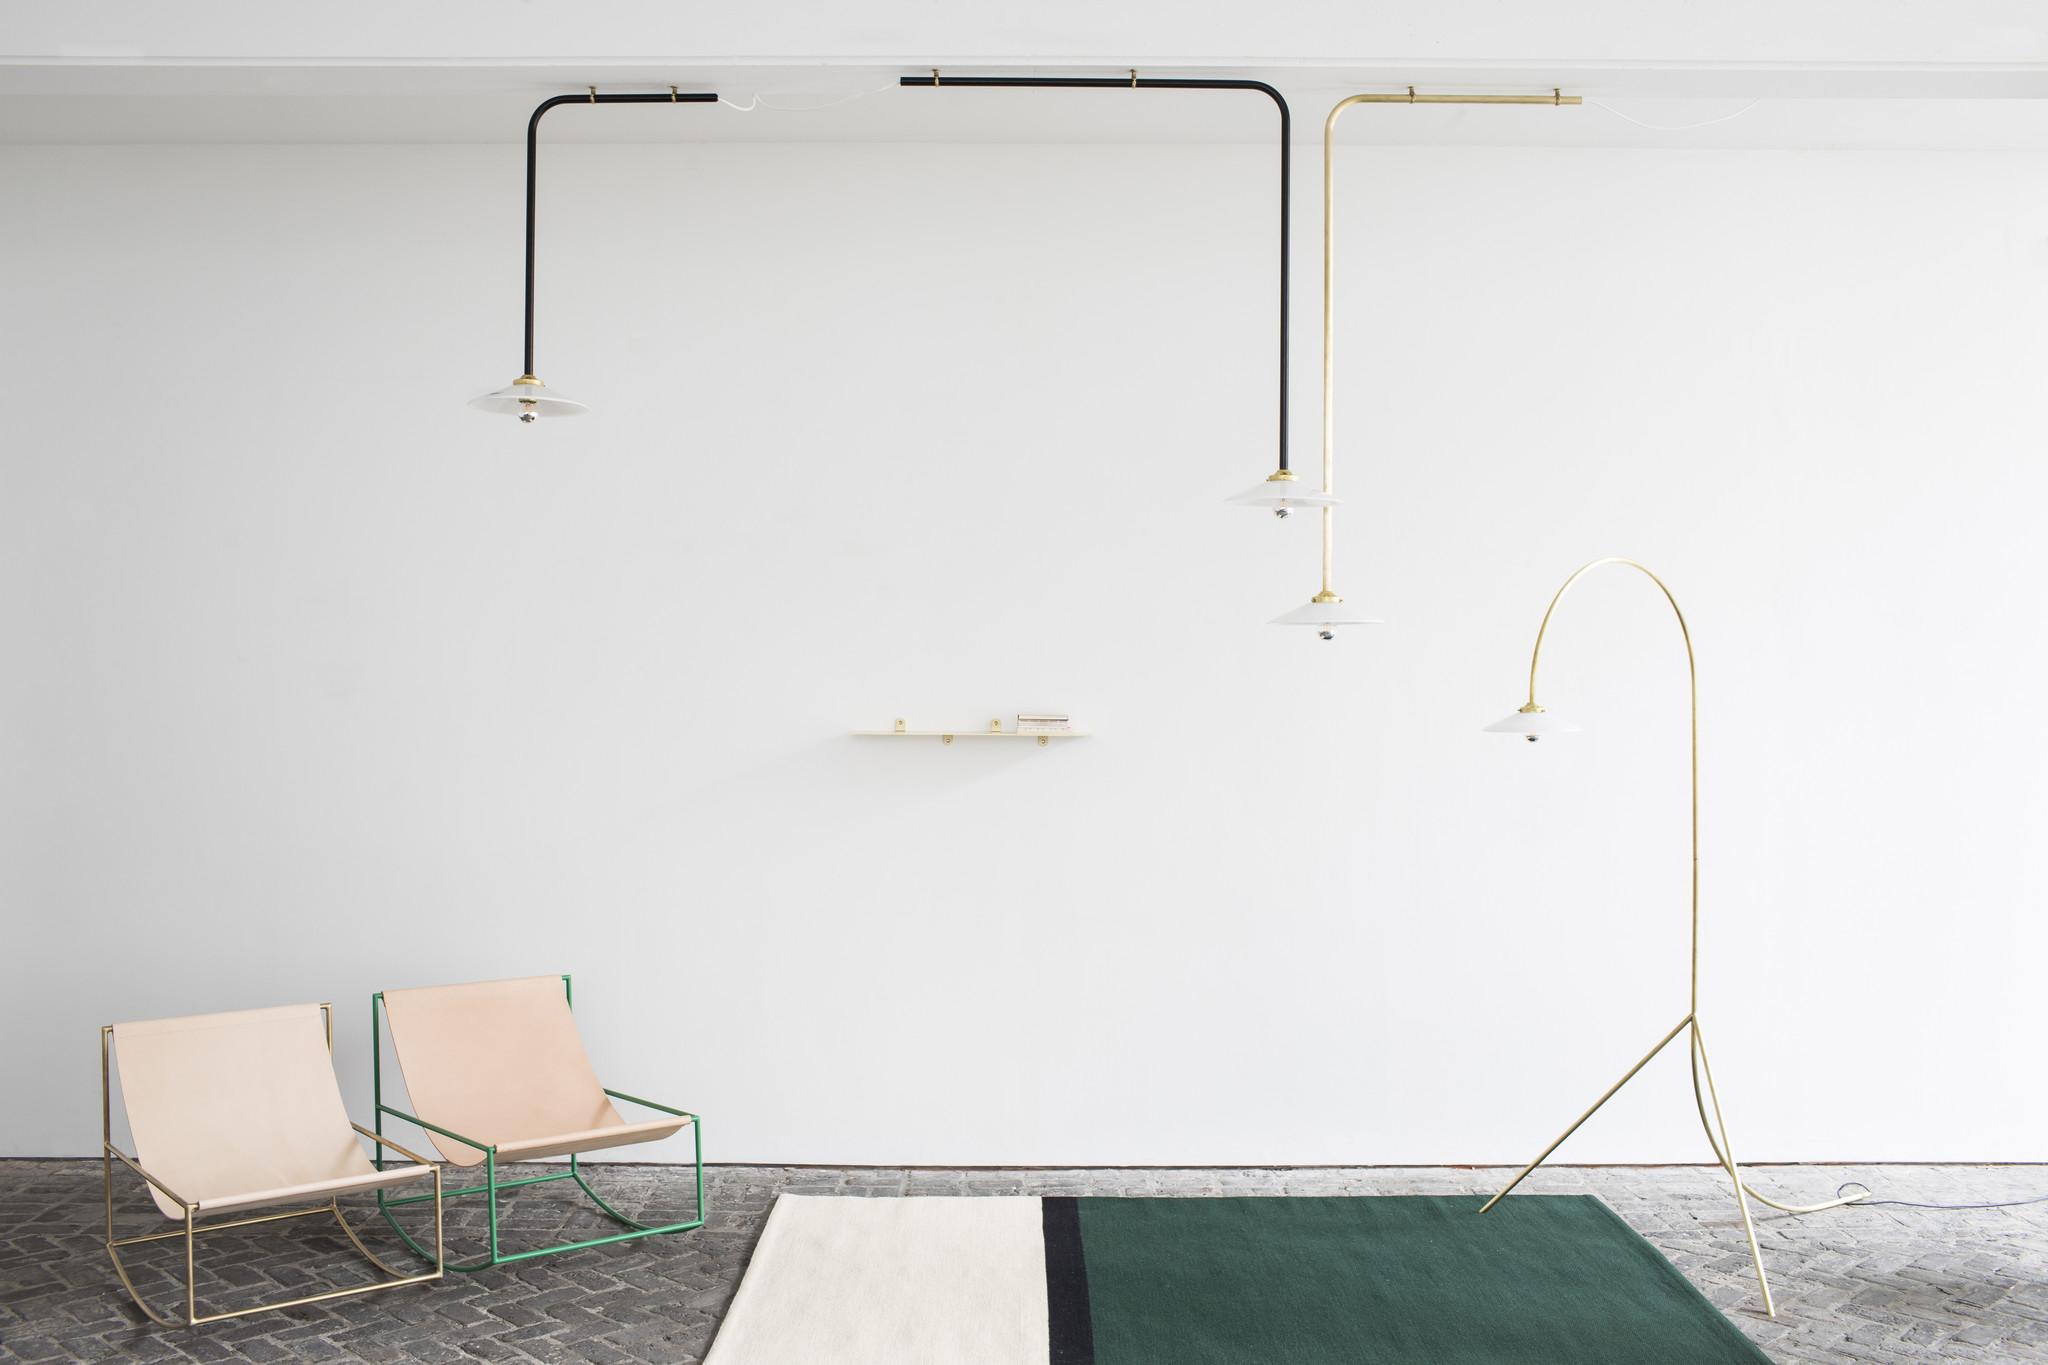 Hanging Lamp No. 1-7